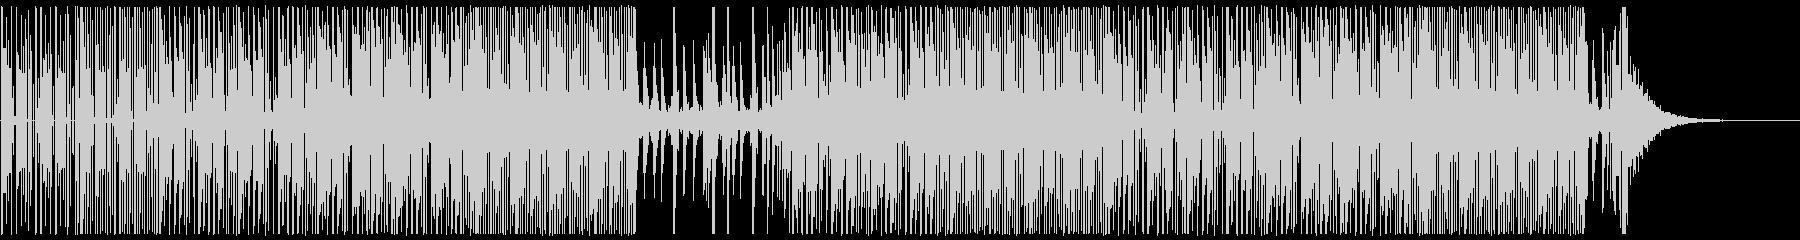 ダークでクールなEDMトラップの未再生の波形